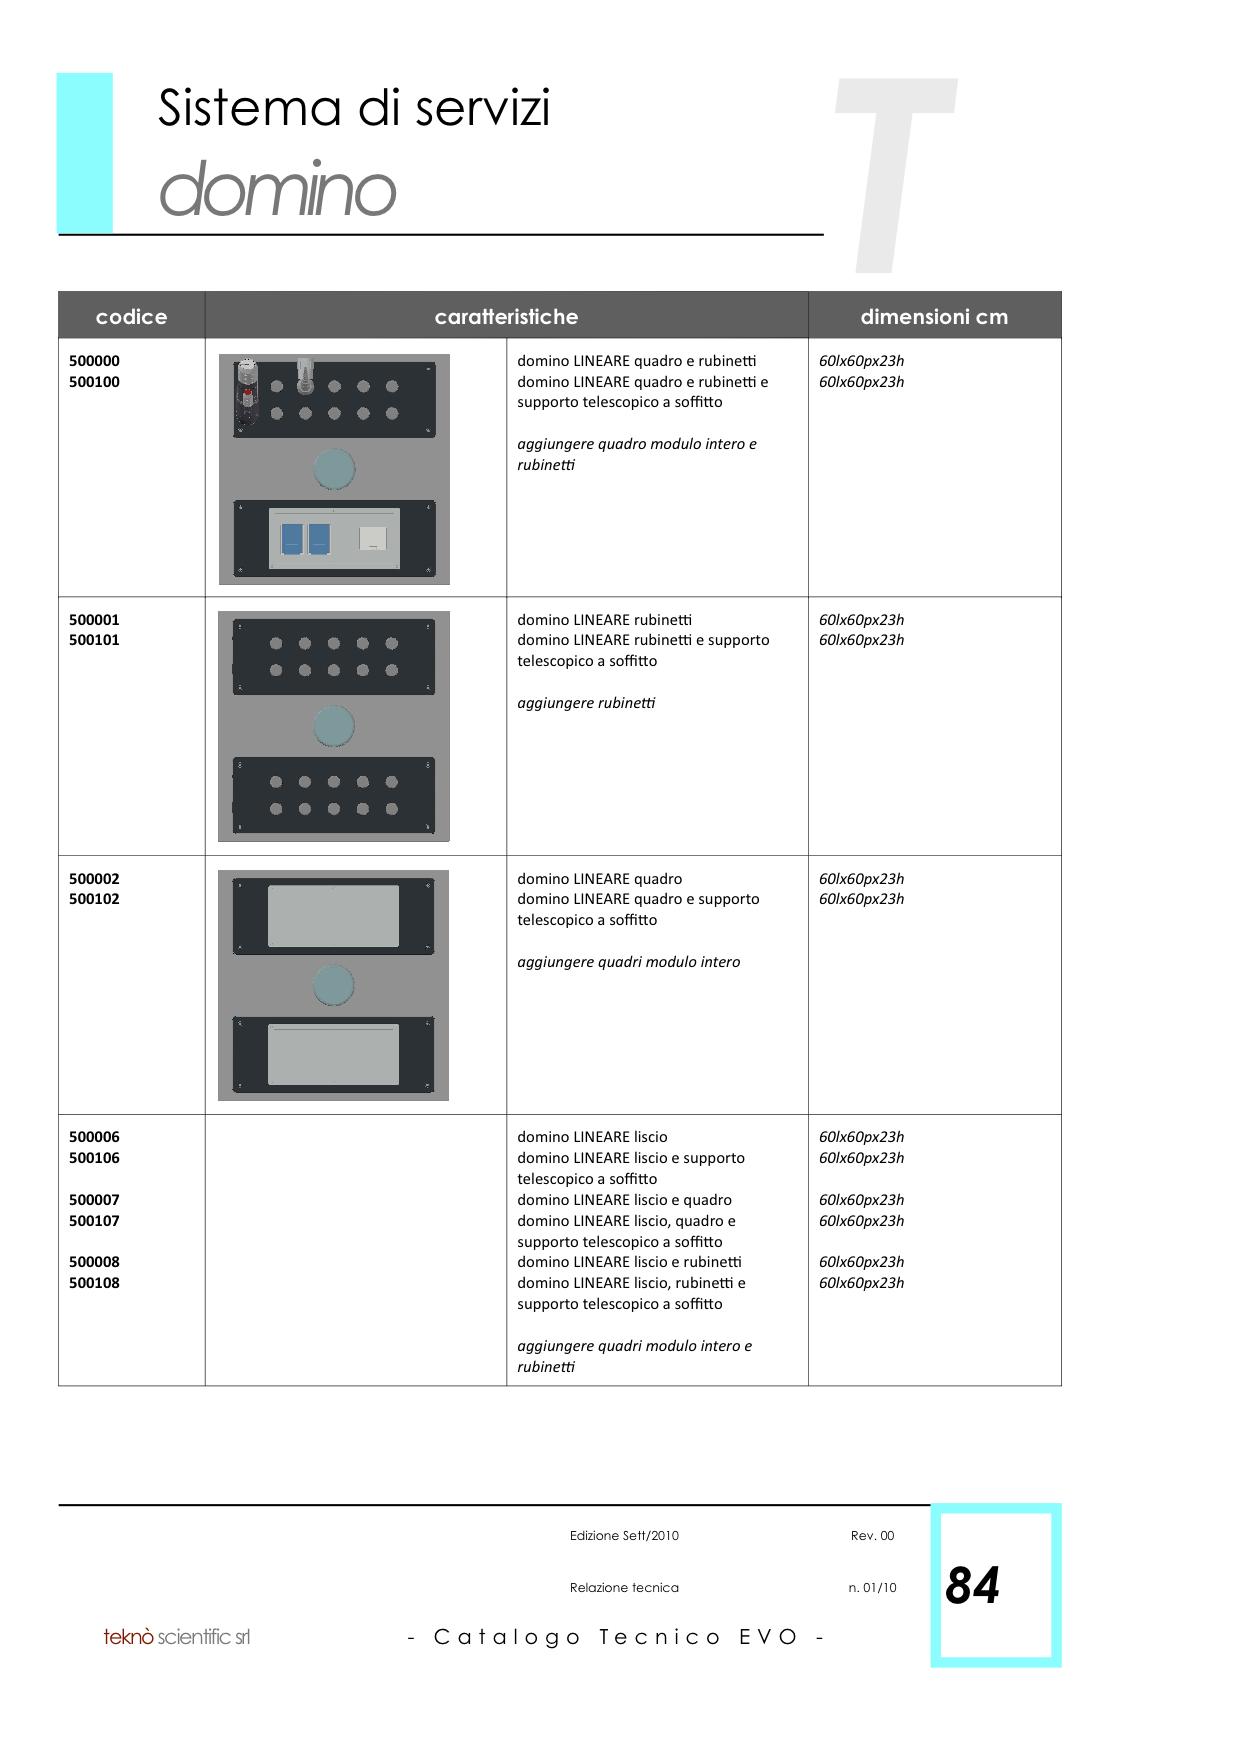 EVO Catalogo Tecnico Generale copia 84.png